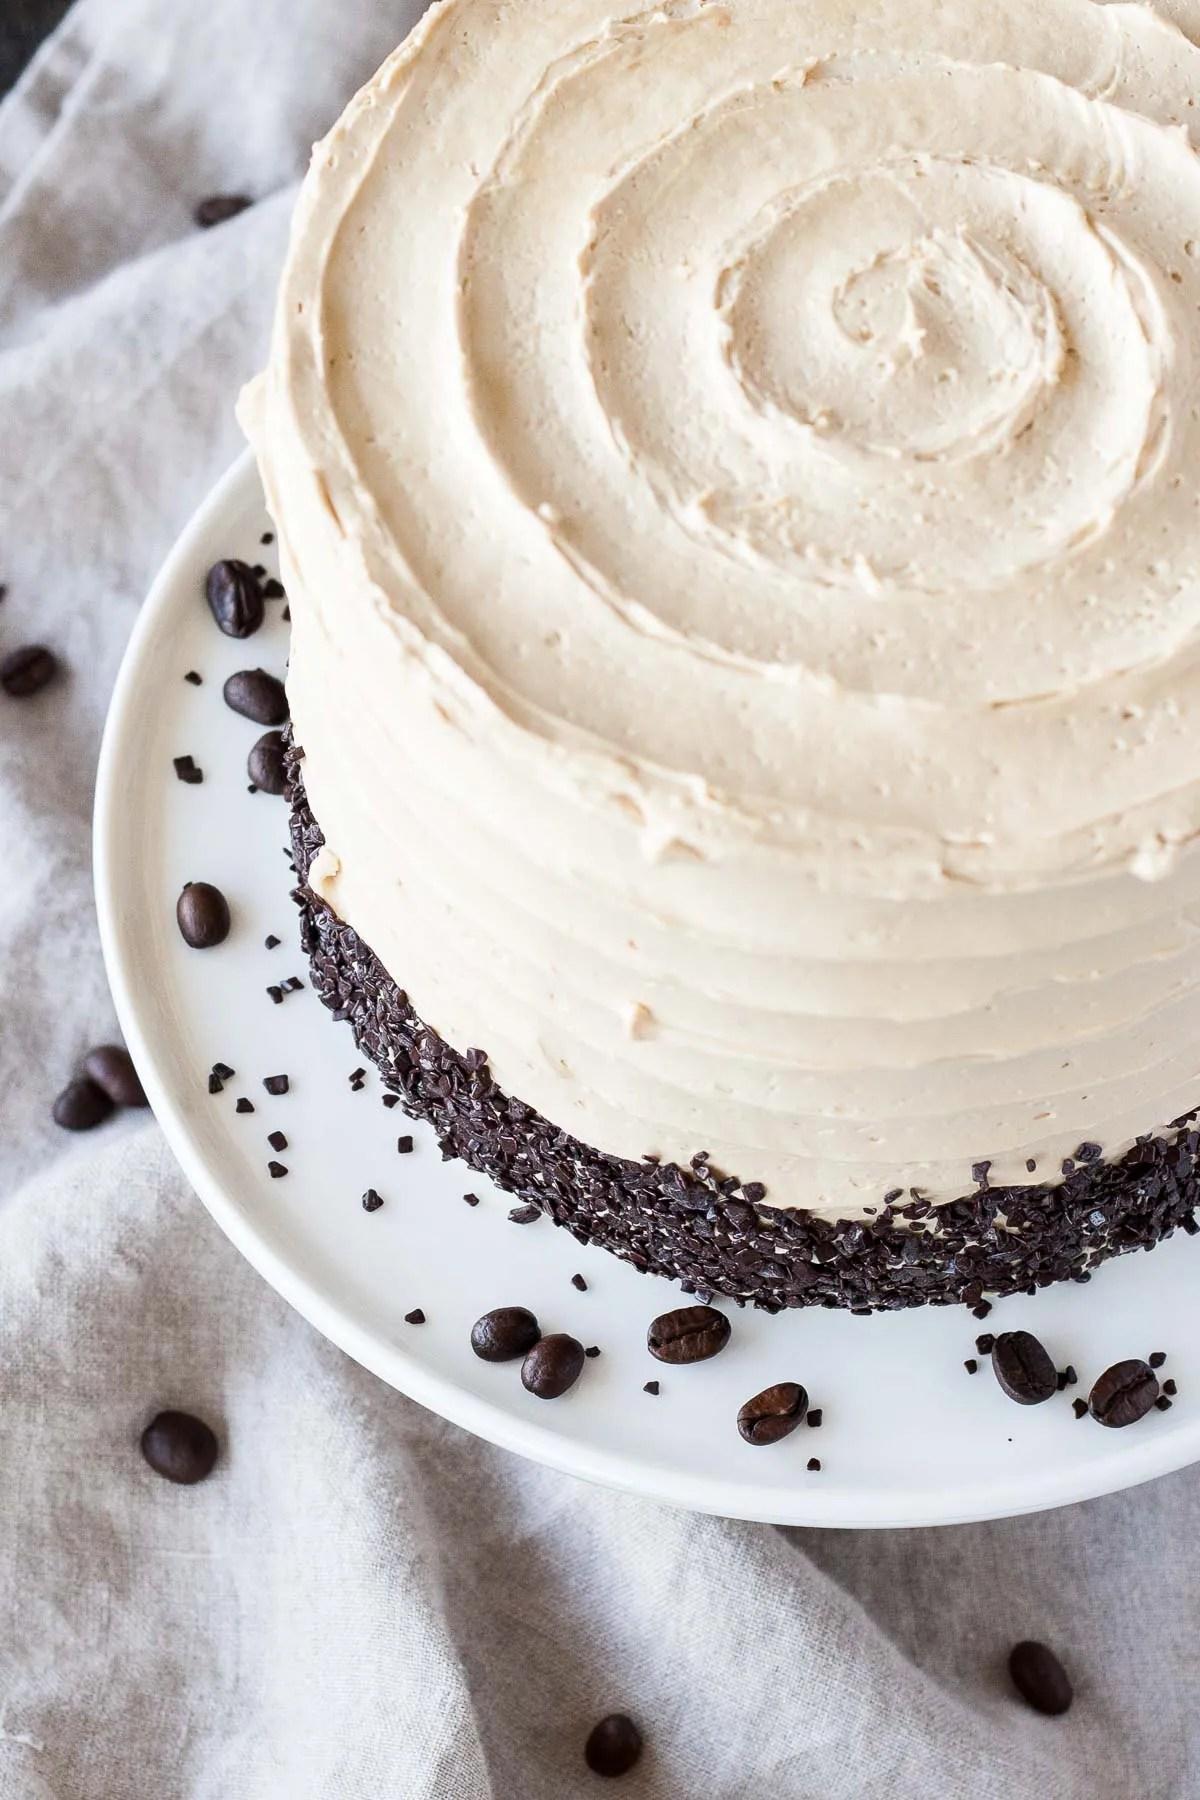 L'appariement parfait du café et des Baileys dans ce délicieux gâteau couche.  Un gâteau à la vanille superposé à une ganache au chocolat noir et un café Baileys buttercream.  |  Livforcake.com